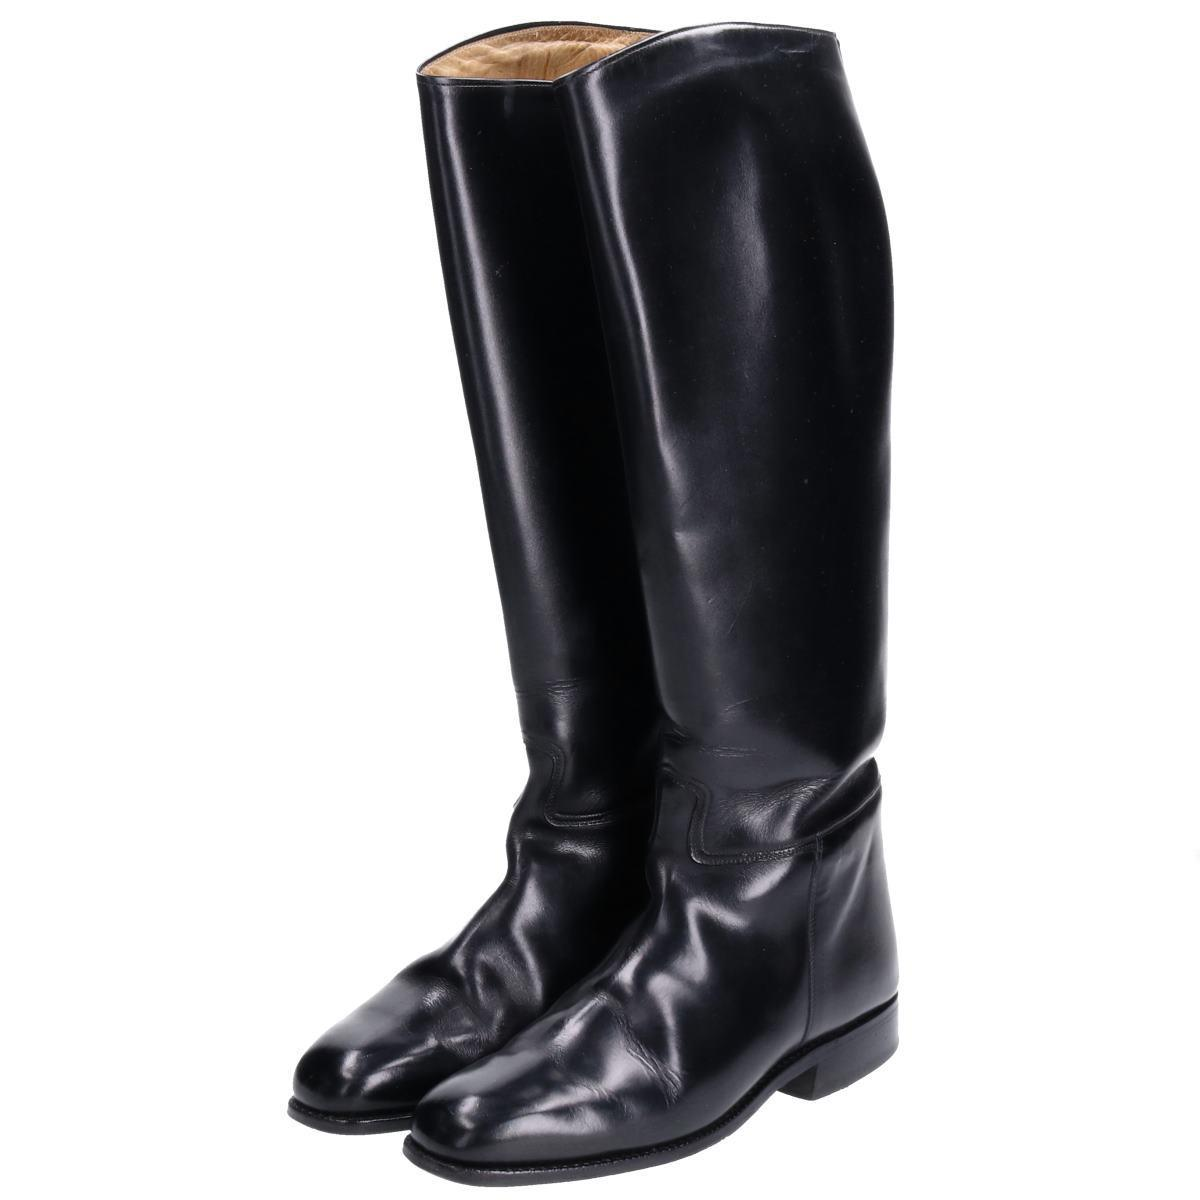 カバロ Cavallo ジョッキー乗馬ブーツ メンズ25.5cm /boq3998 【中古】 【190928】